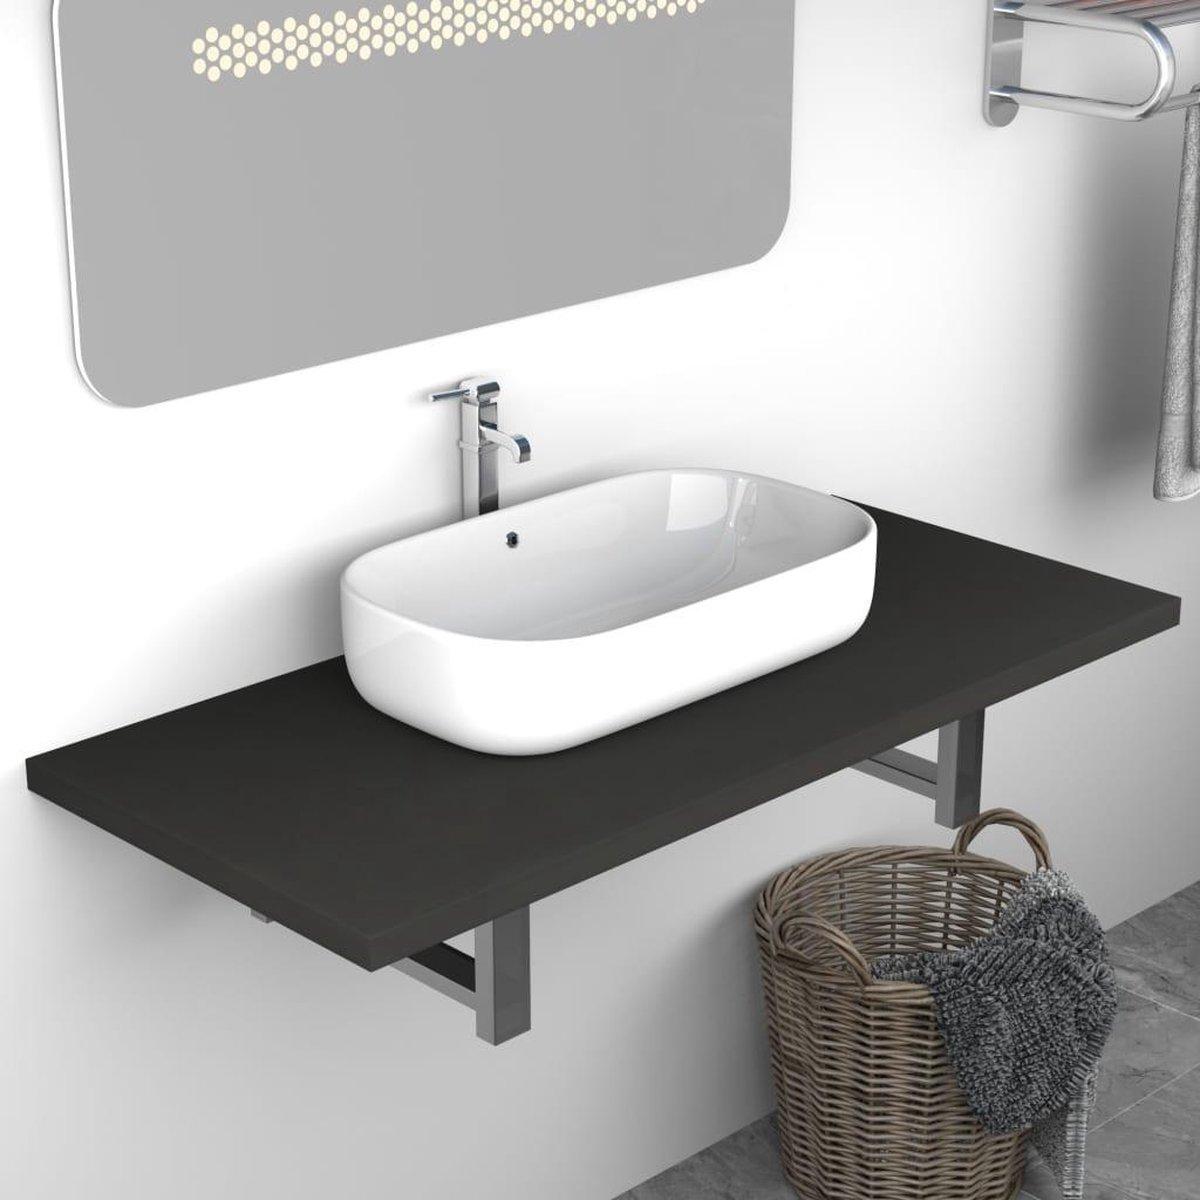 Badkamer wandschap voor wastafel 90x40x16,3 cm grijs